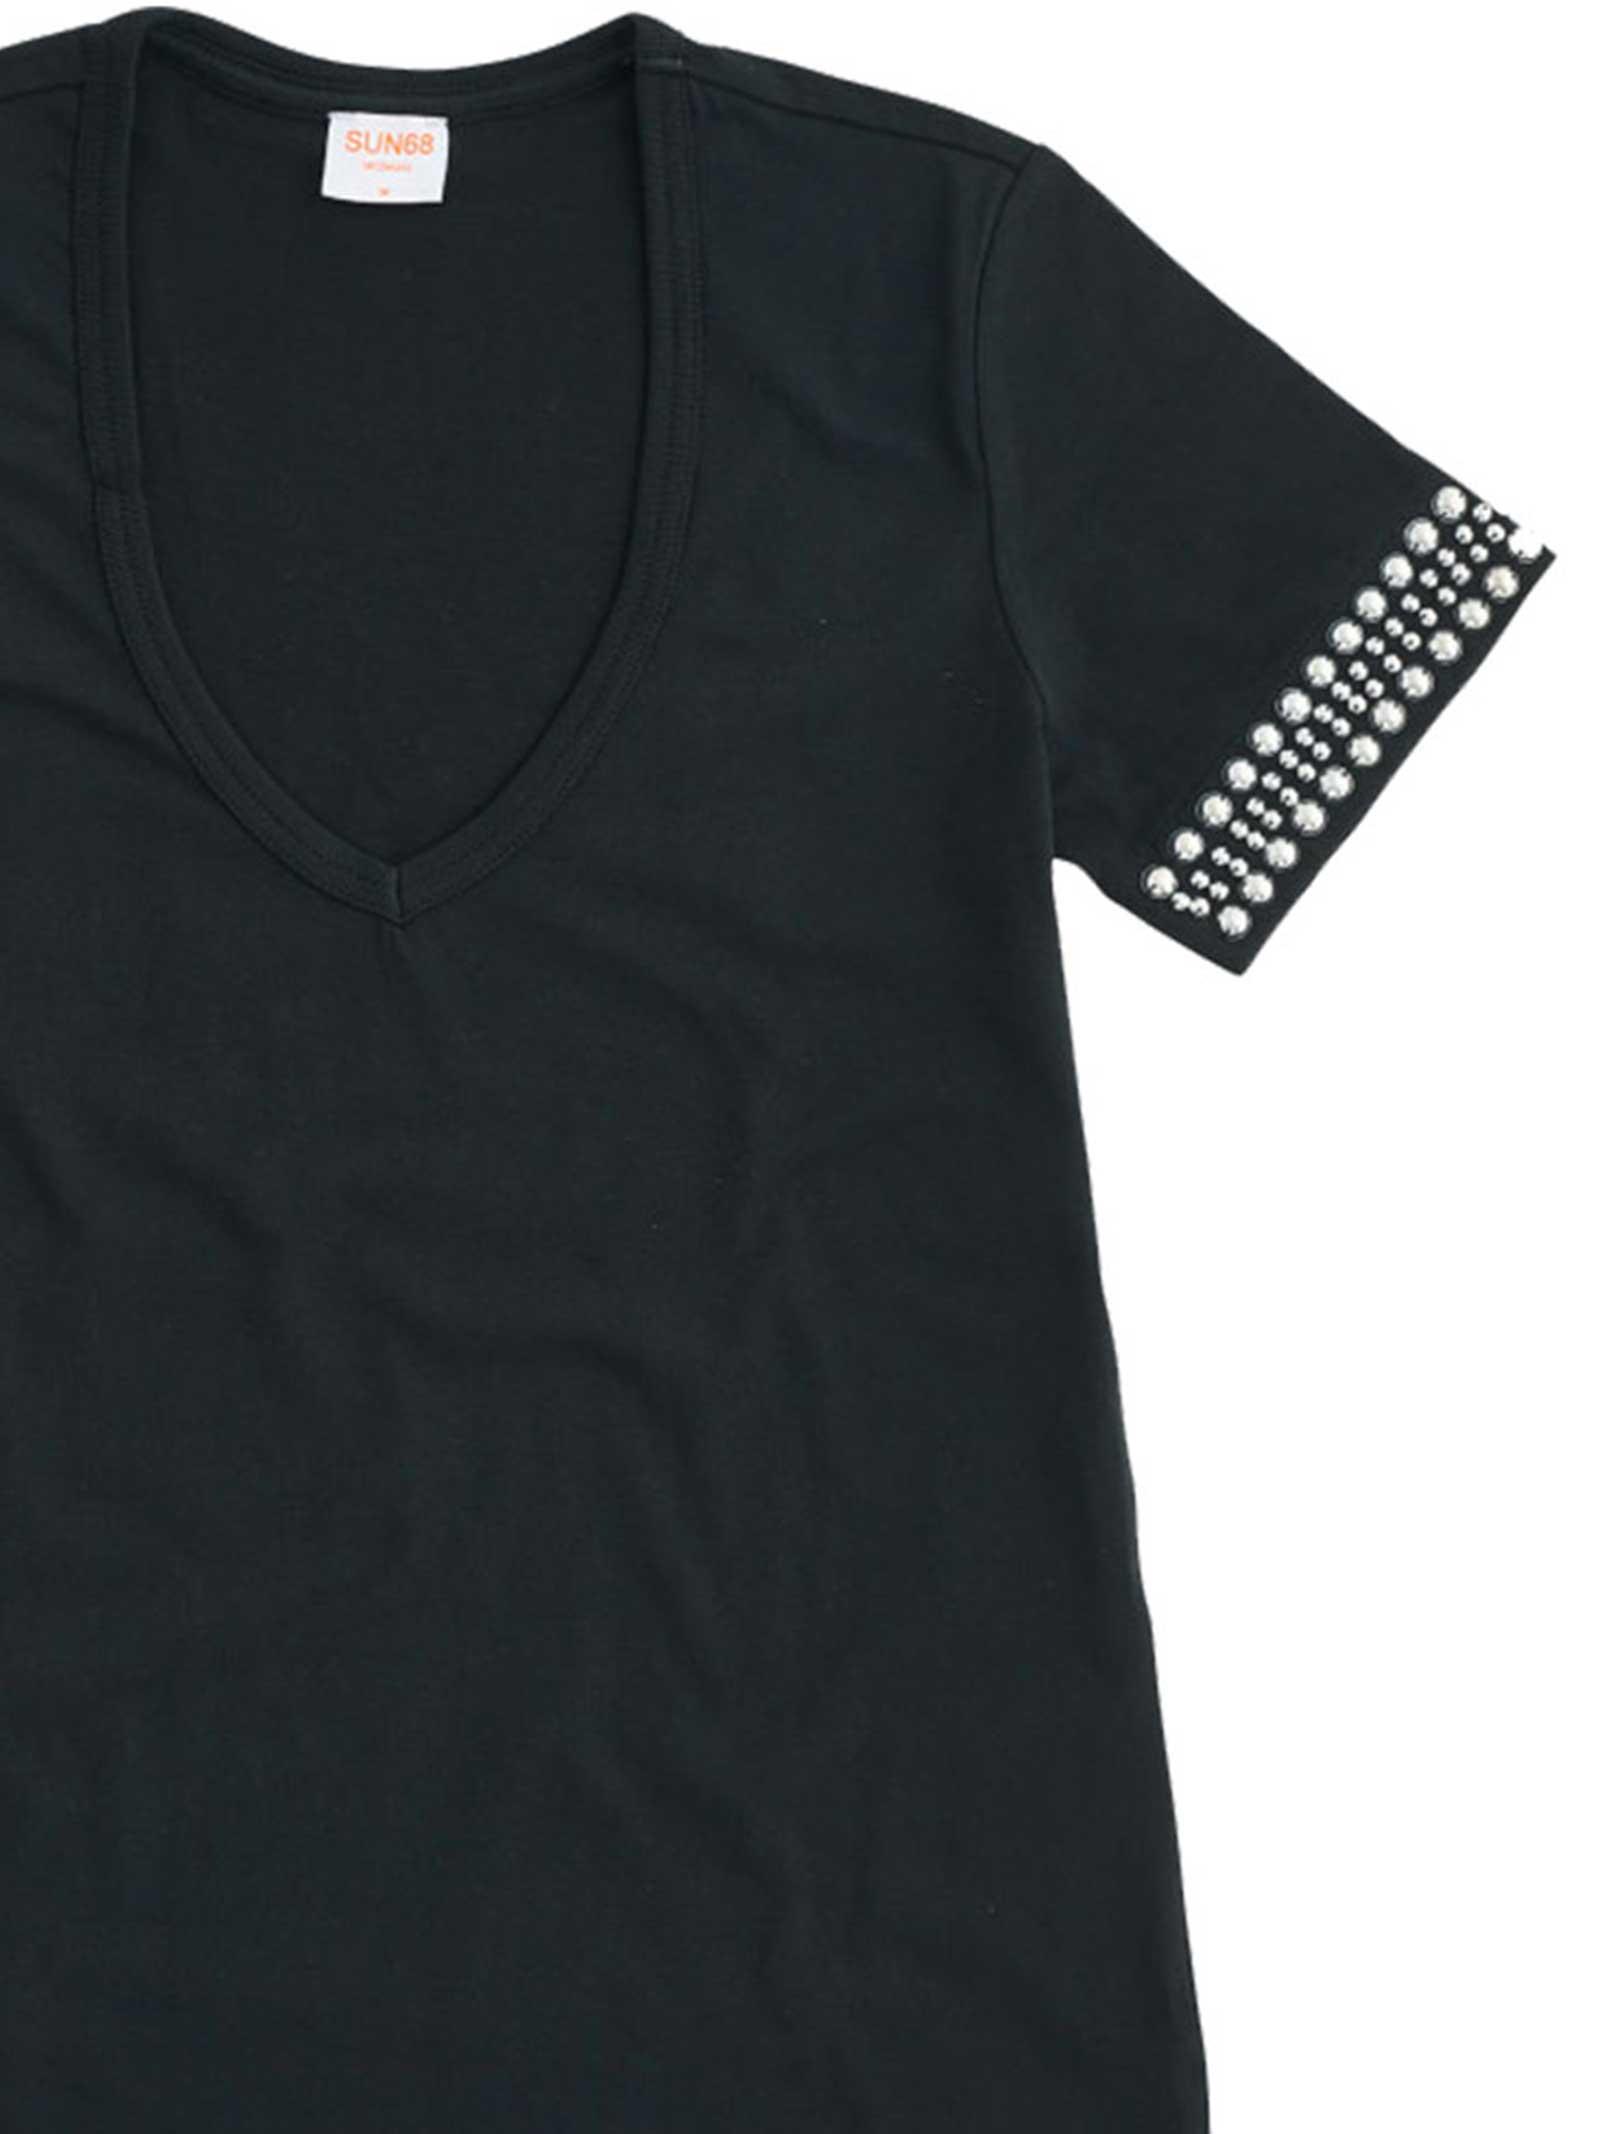 T-SHIRT SUN68 | T-shirt | T3120311